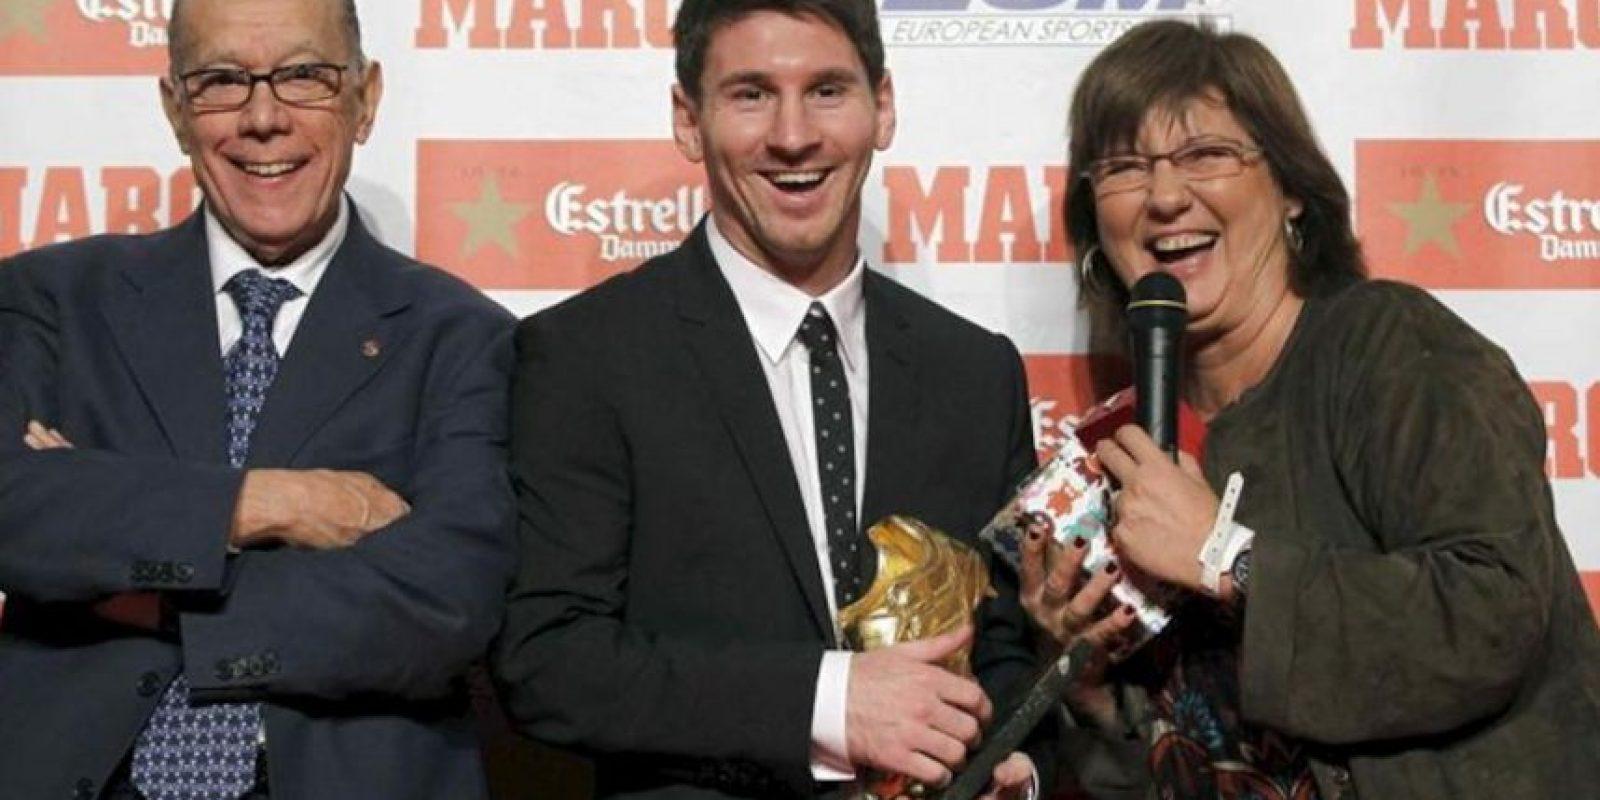 El delantero argentino del FC Barcelona Lionel Messi, que ha recibido este mediodía, por segunda vez en su carrera deportiva, la Bota de Oro que le acredita como el máximo goleador de las Ligas Europeas de la pasada temporada con 50 tantos. EFE